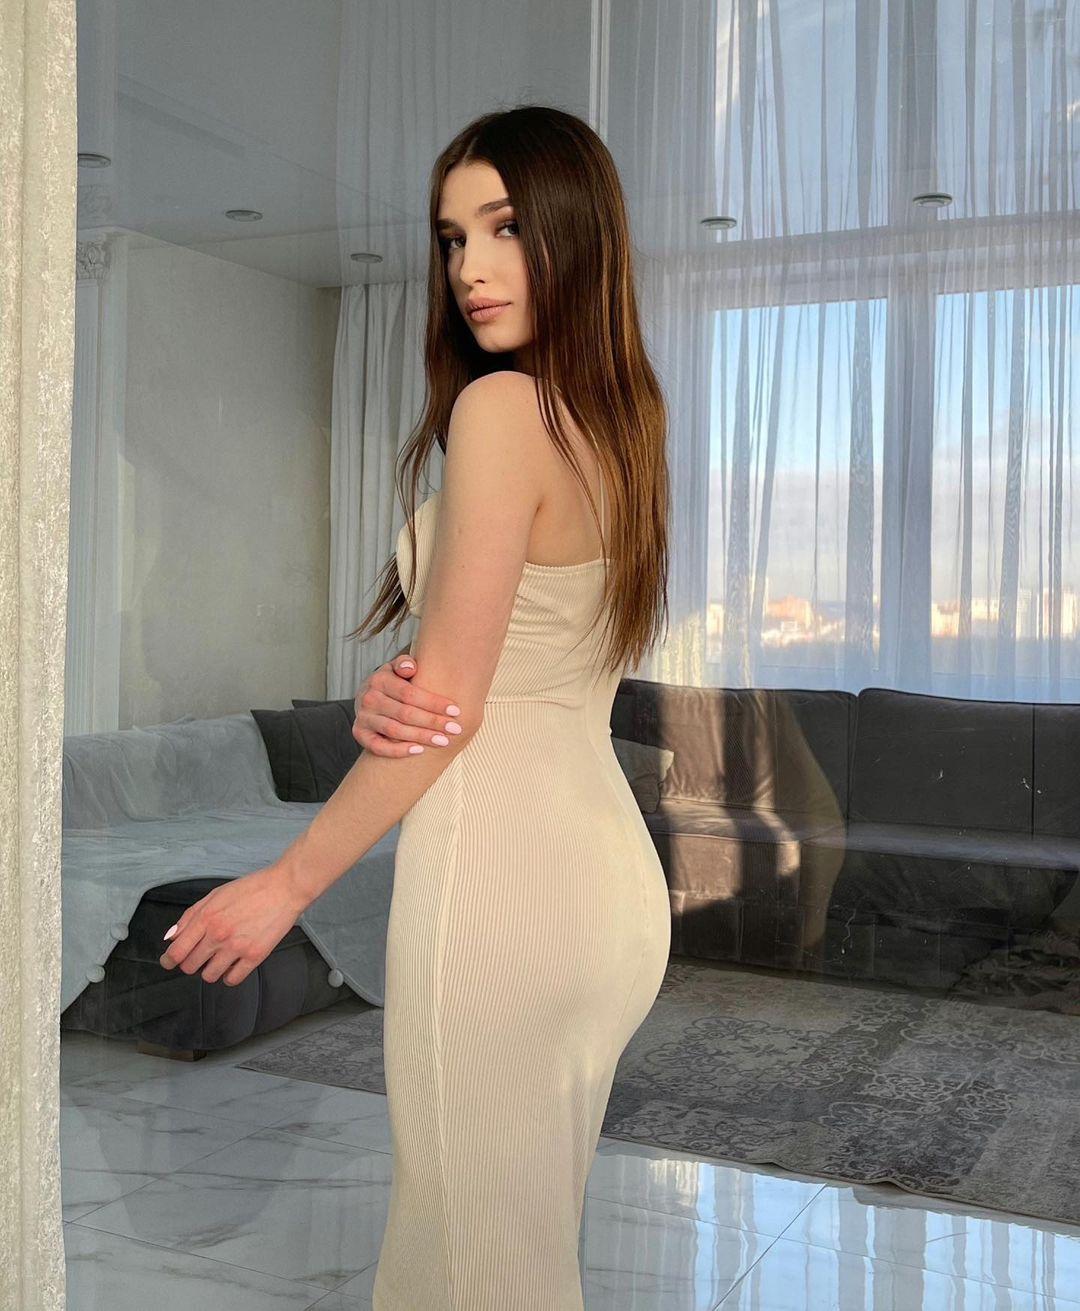 Zavrazzhnova-Wallpapers-Insta-Fit-Bio-Alexandra-Zavrazhnova-Wallpapers-Insta-Fit-Bio-2